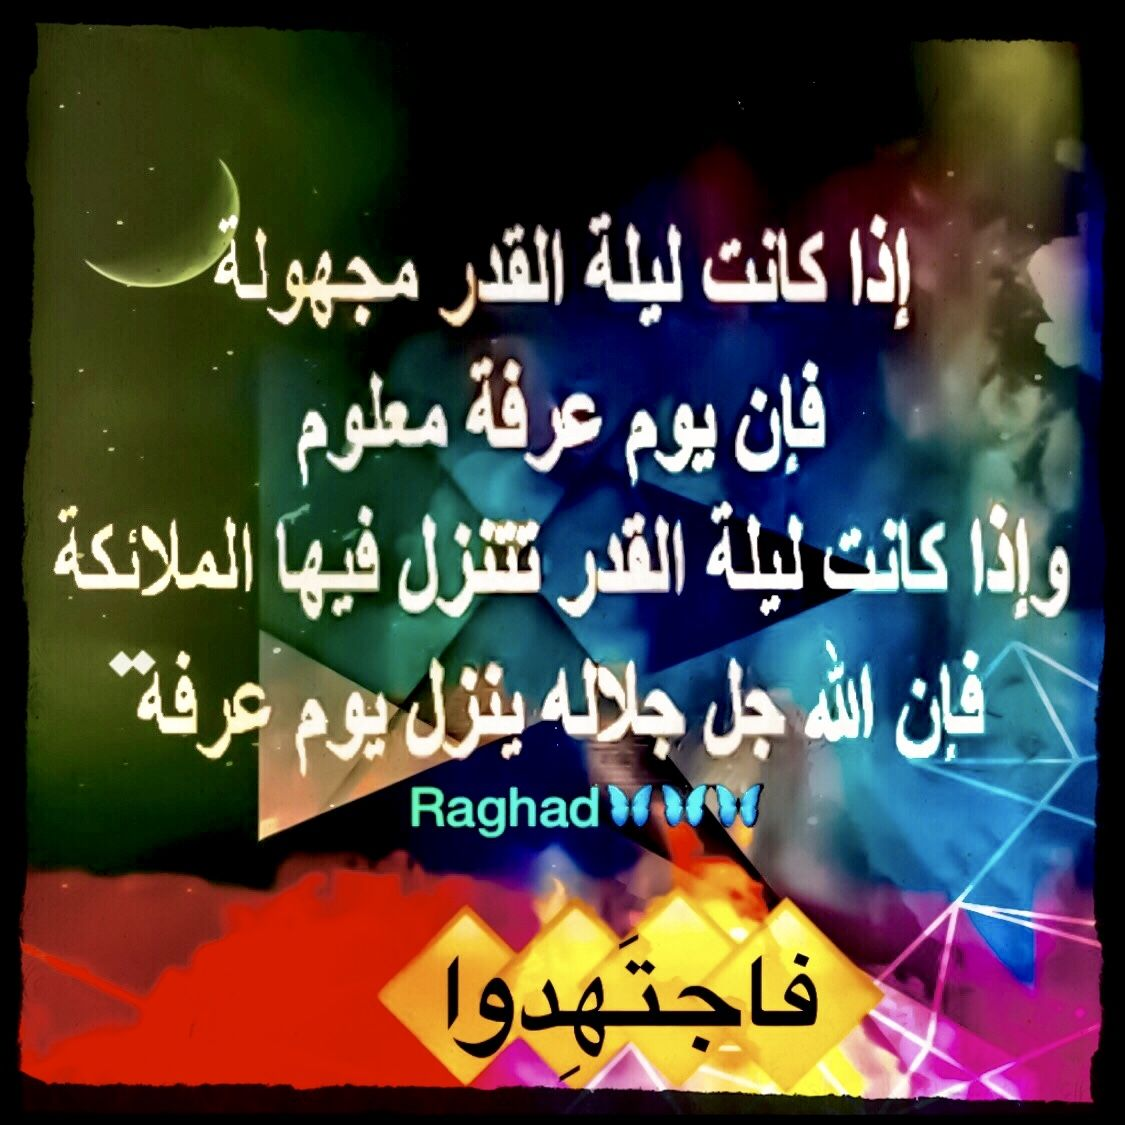 يوم عرفة خير أيام الدنيا Arabic Calligraphy Arabic